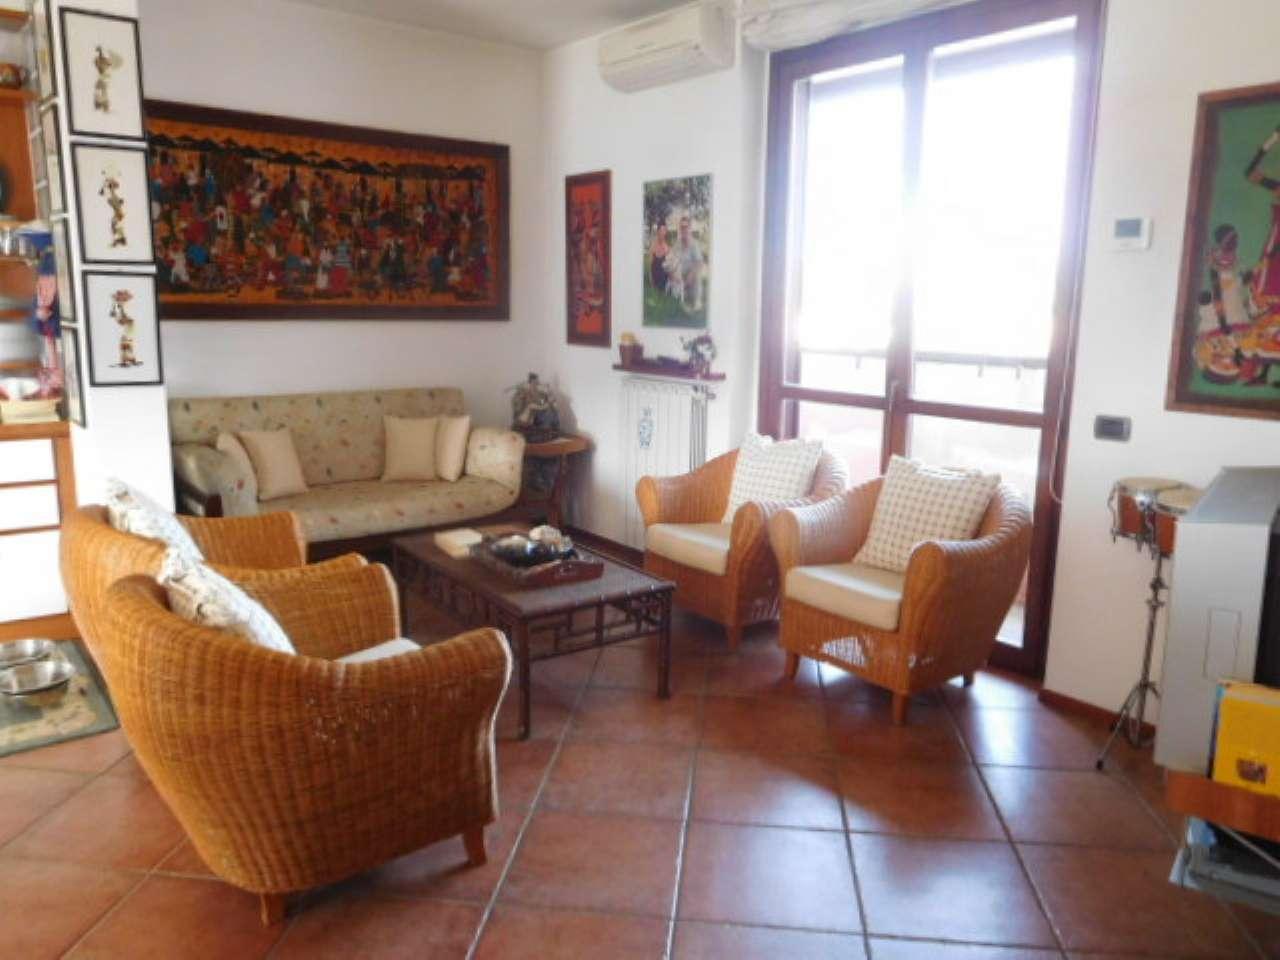 Appartamento in vendita a Marcignago, 2 locali, prezzo € 85.000 | CambioCasa.it